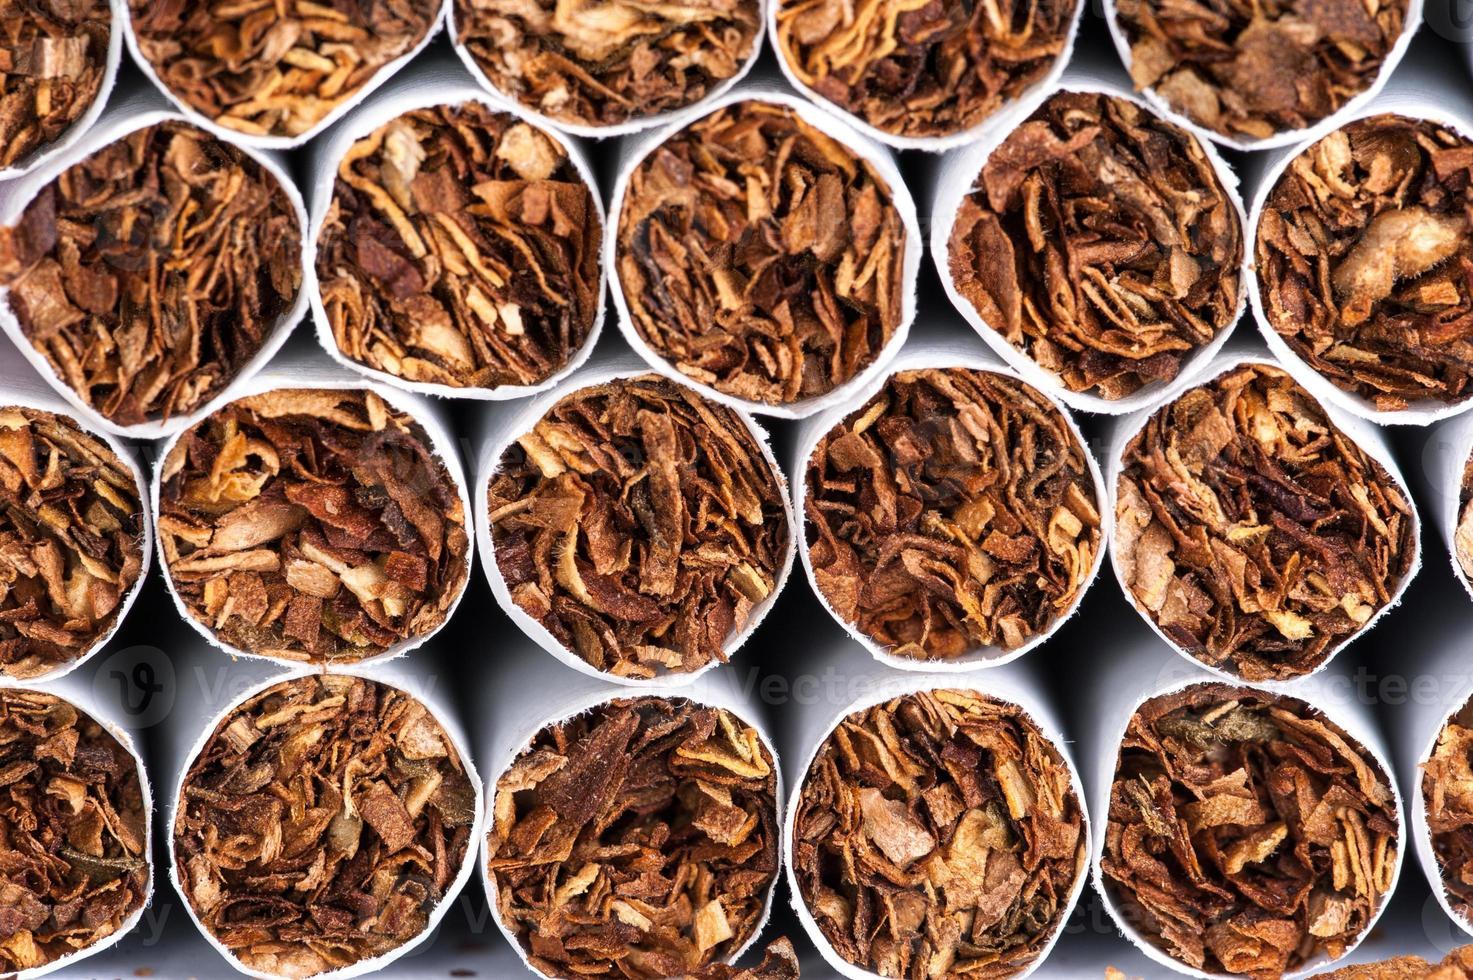 Tabak in Zigaretten foto